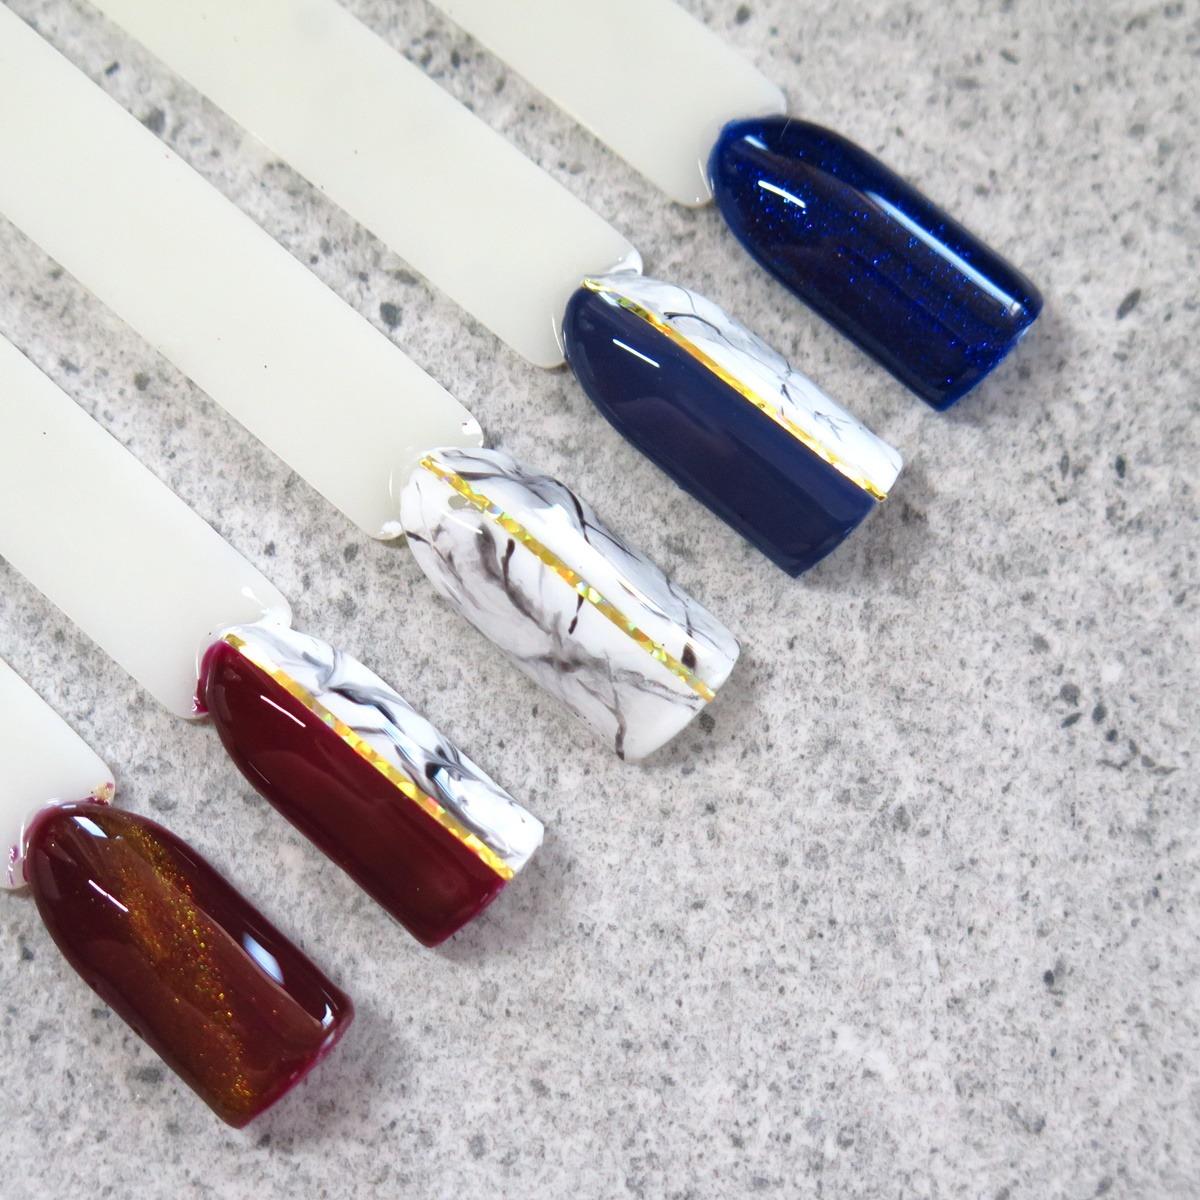 zdobienie paznokci wzornik marmurek